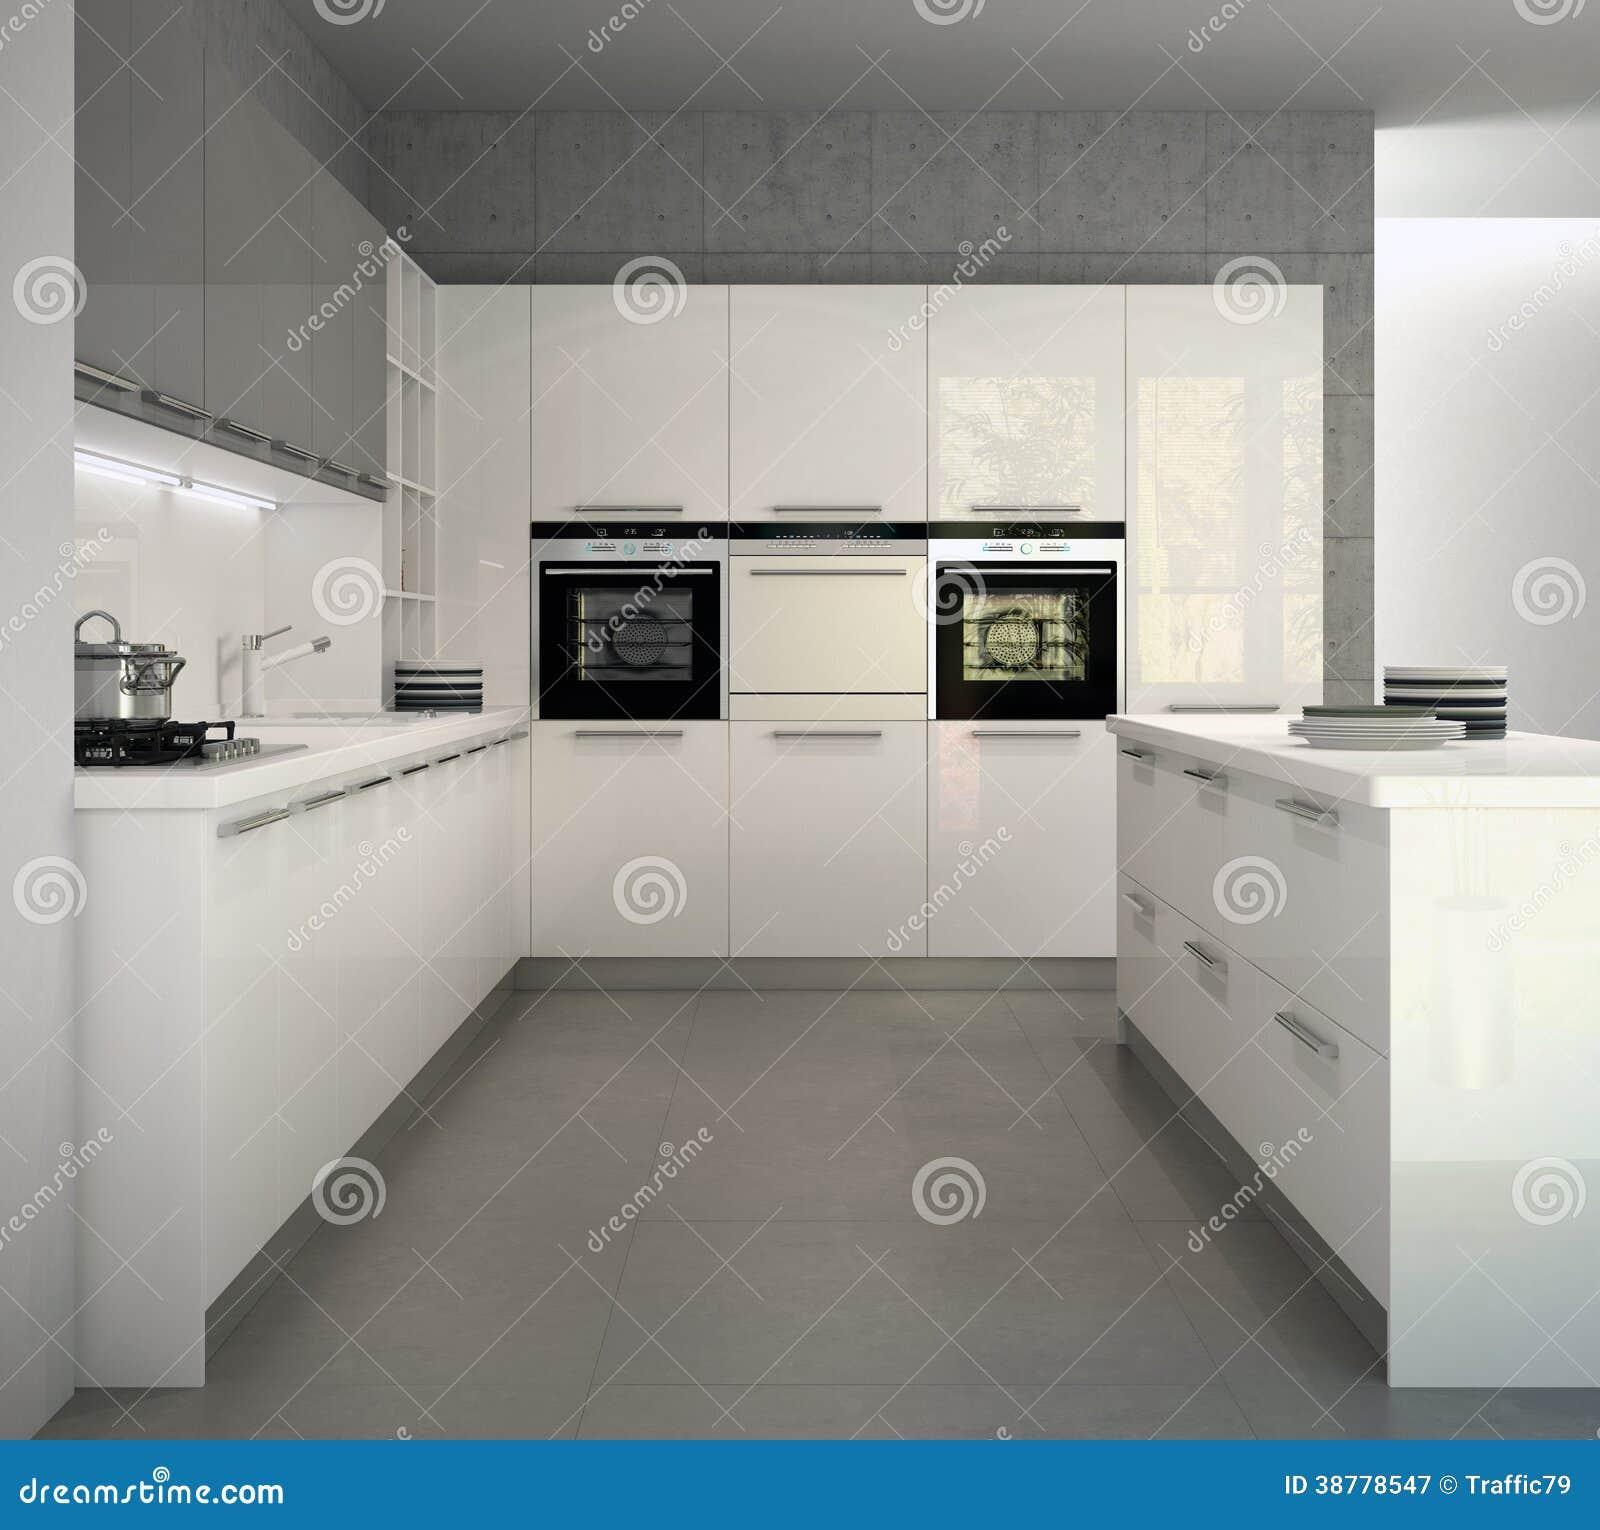 Cucina moderna lucida bianca in un interno illustrazione for Casa moderna bianca